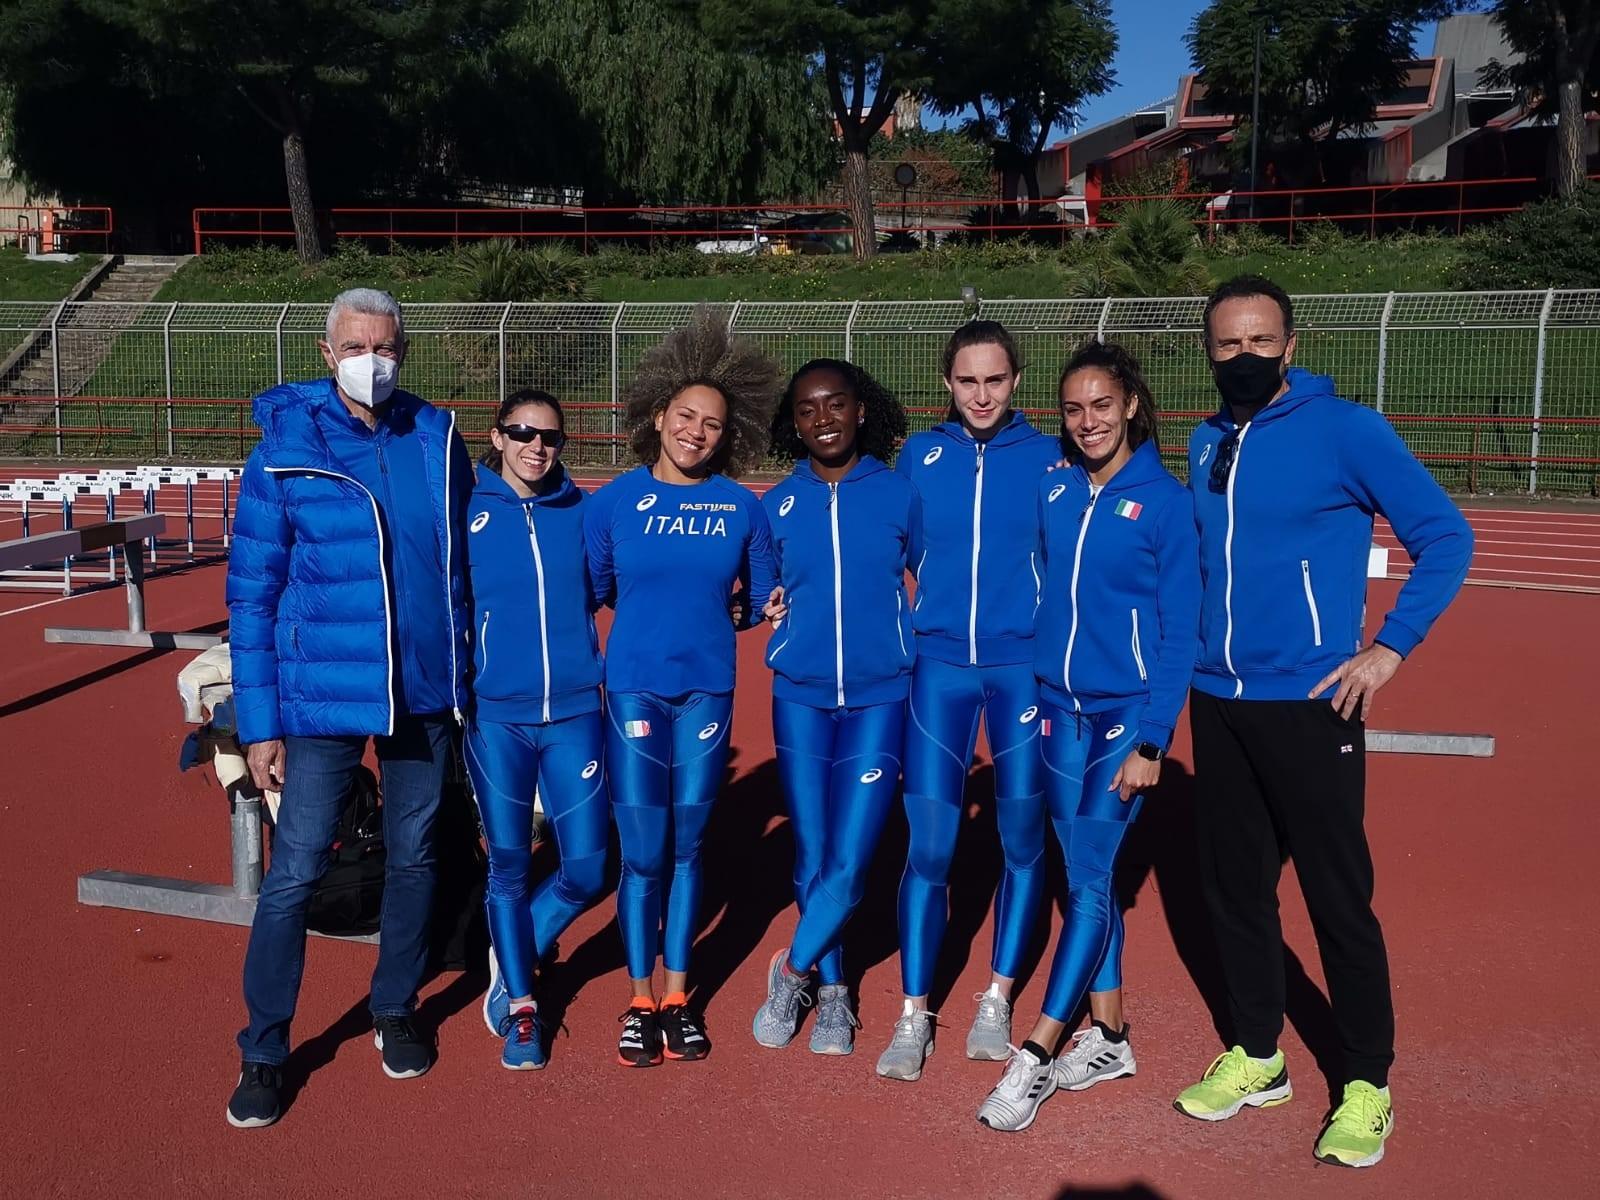 Atletica leggera, le staffettiste azzurre si allenano a Catania in vista di Tokio